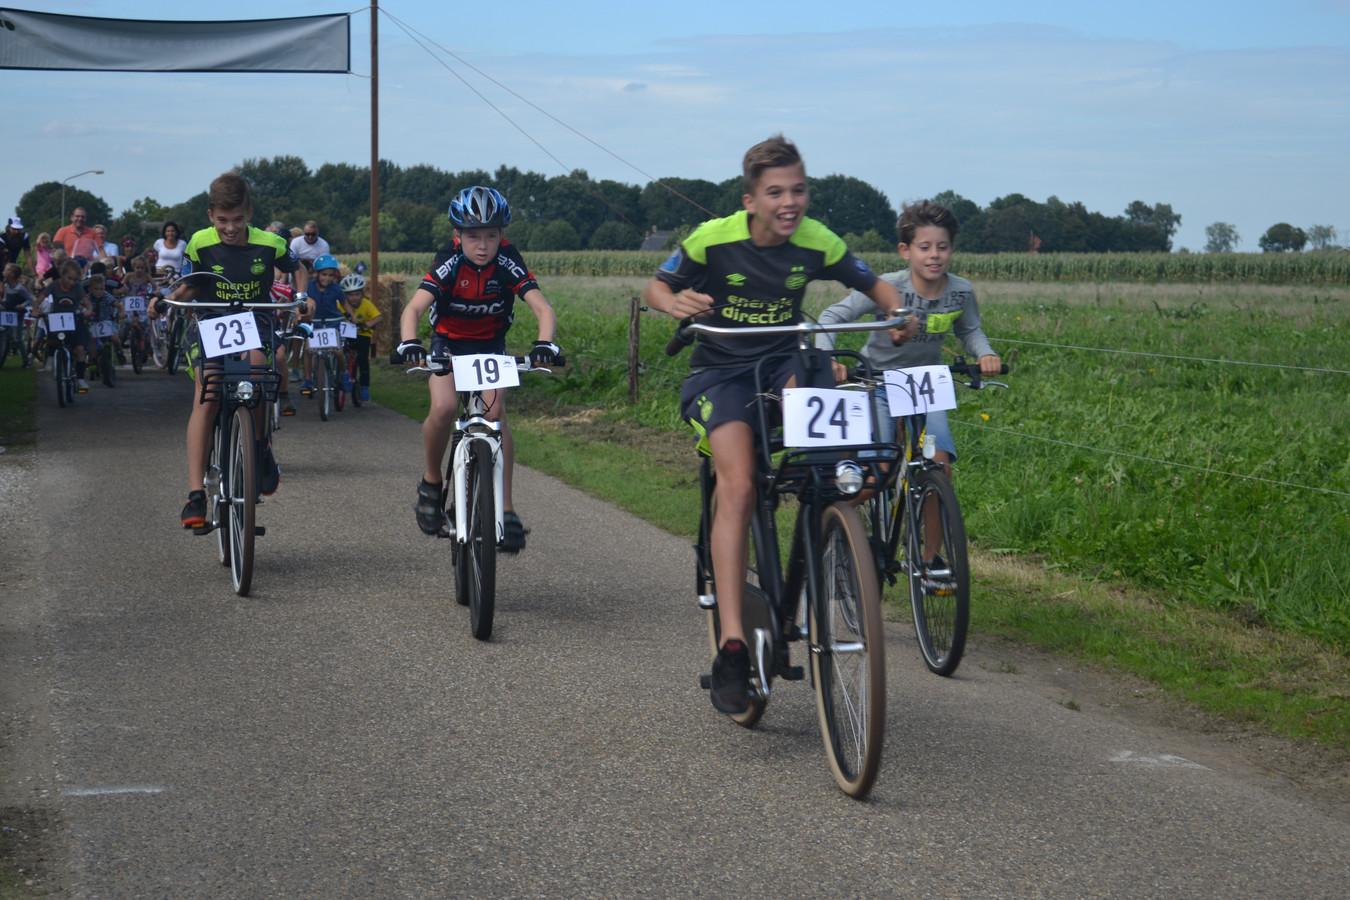 Rens en Lars van Gisteren op hun stoere schoolfiets op weg naar de overwinning.